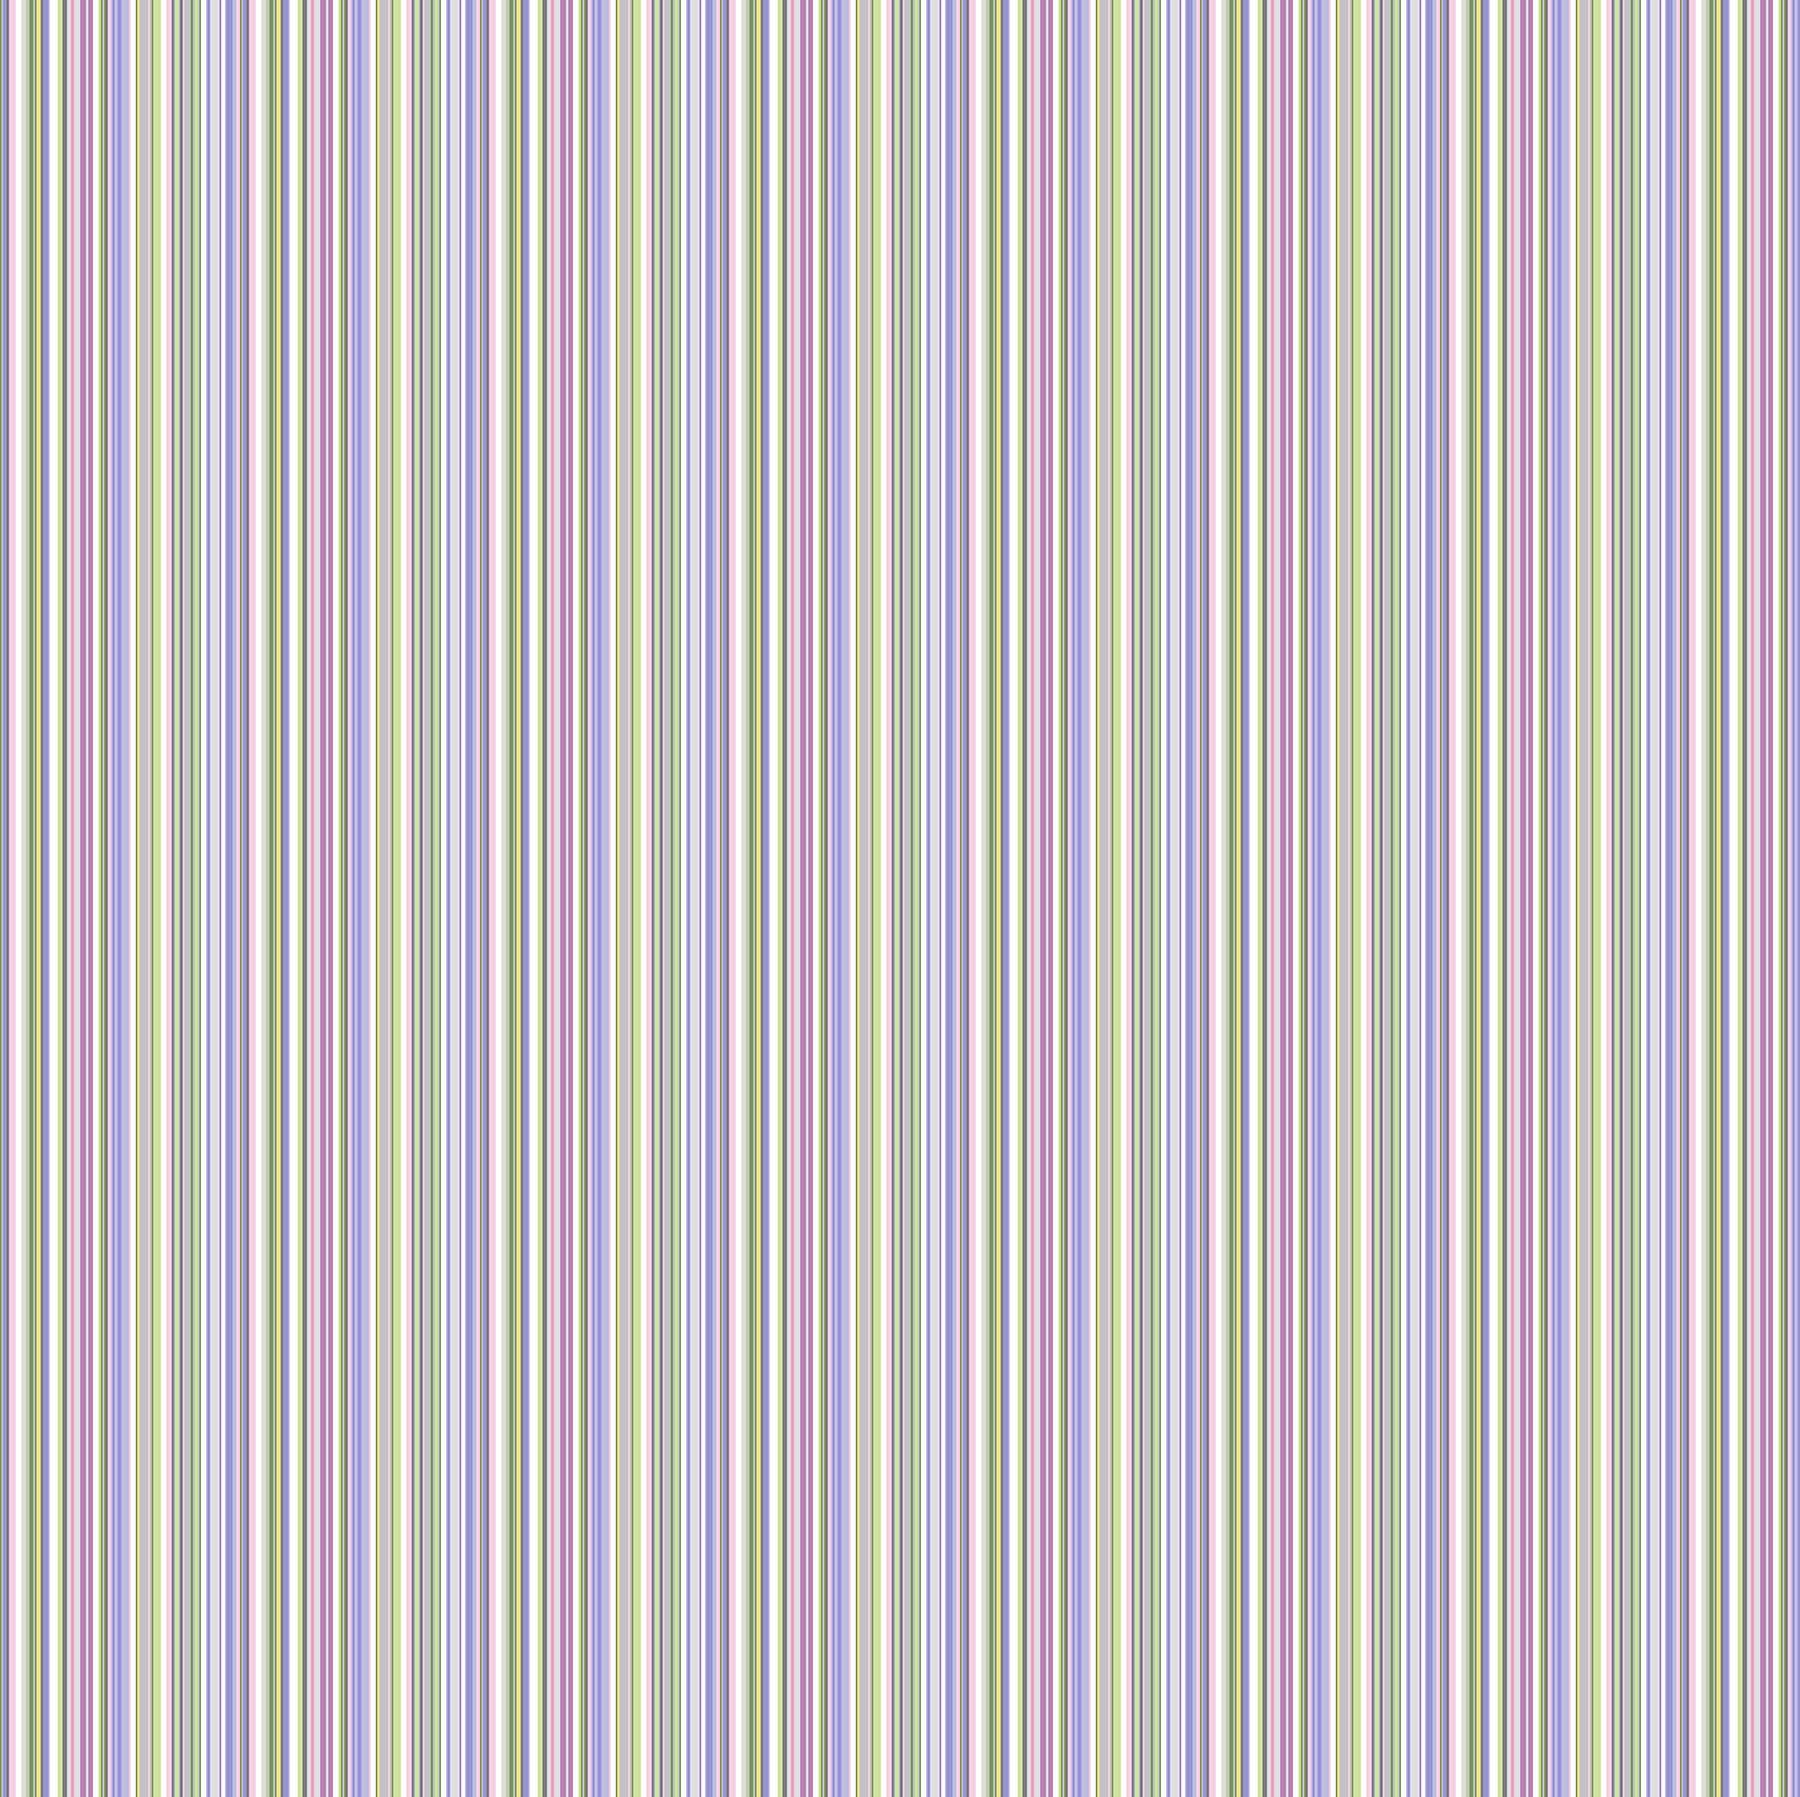 SCENTED GARDEN WHITE MULTI 23976-10